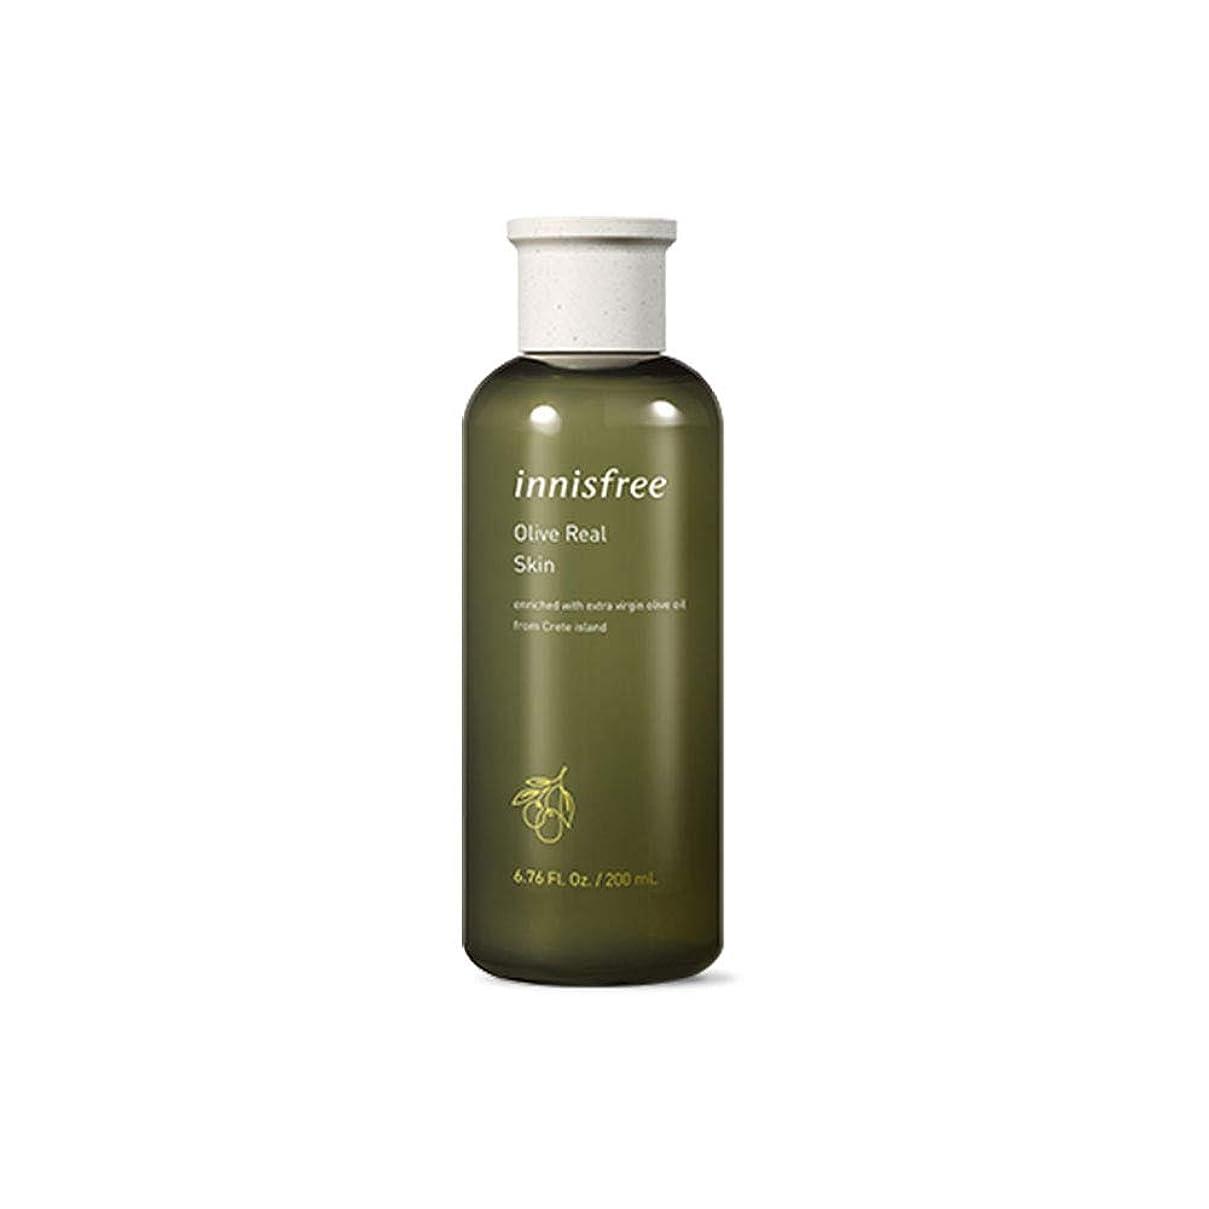 恋人エトナ山飛ぶNEW[イニスフリー] Innisfree オリーブ リアル スキンEX (200ml) Innisfree Olive Real Skin EX(200ml) [海外直送品]